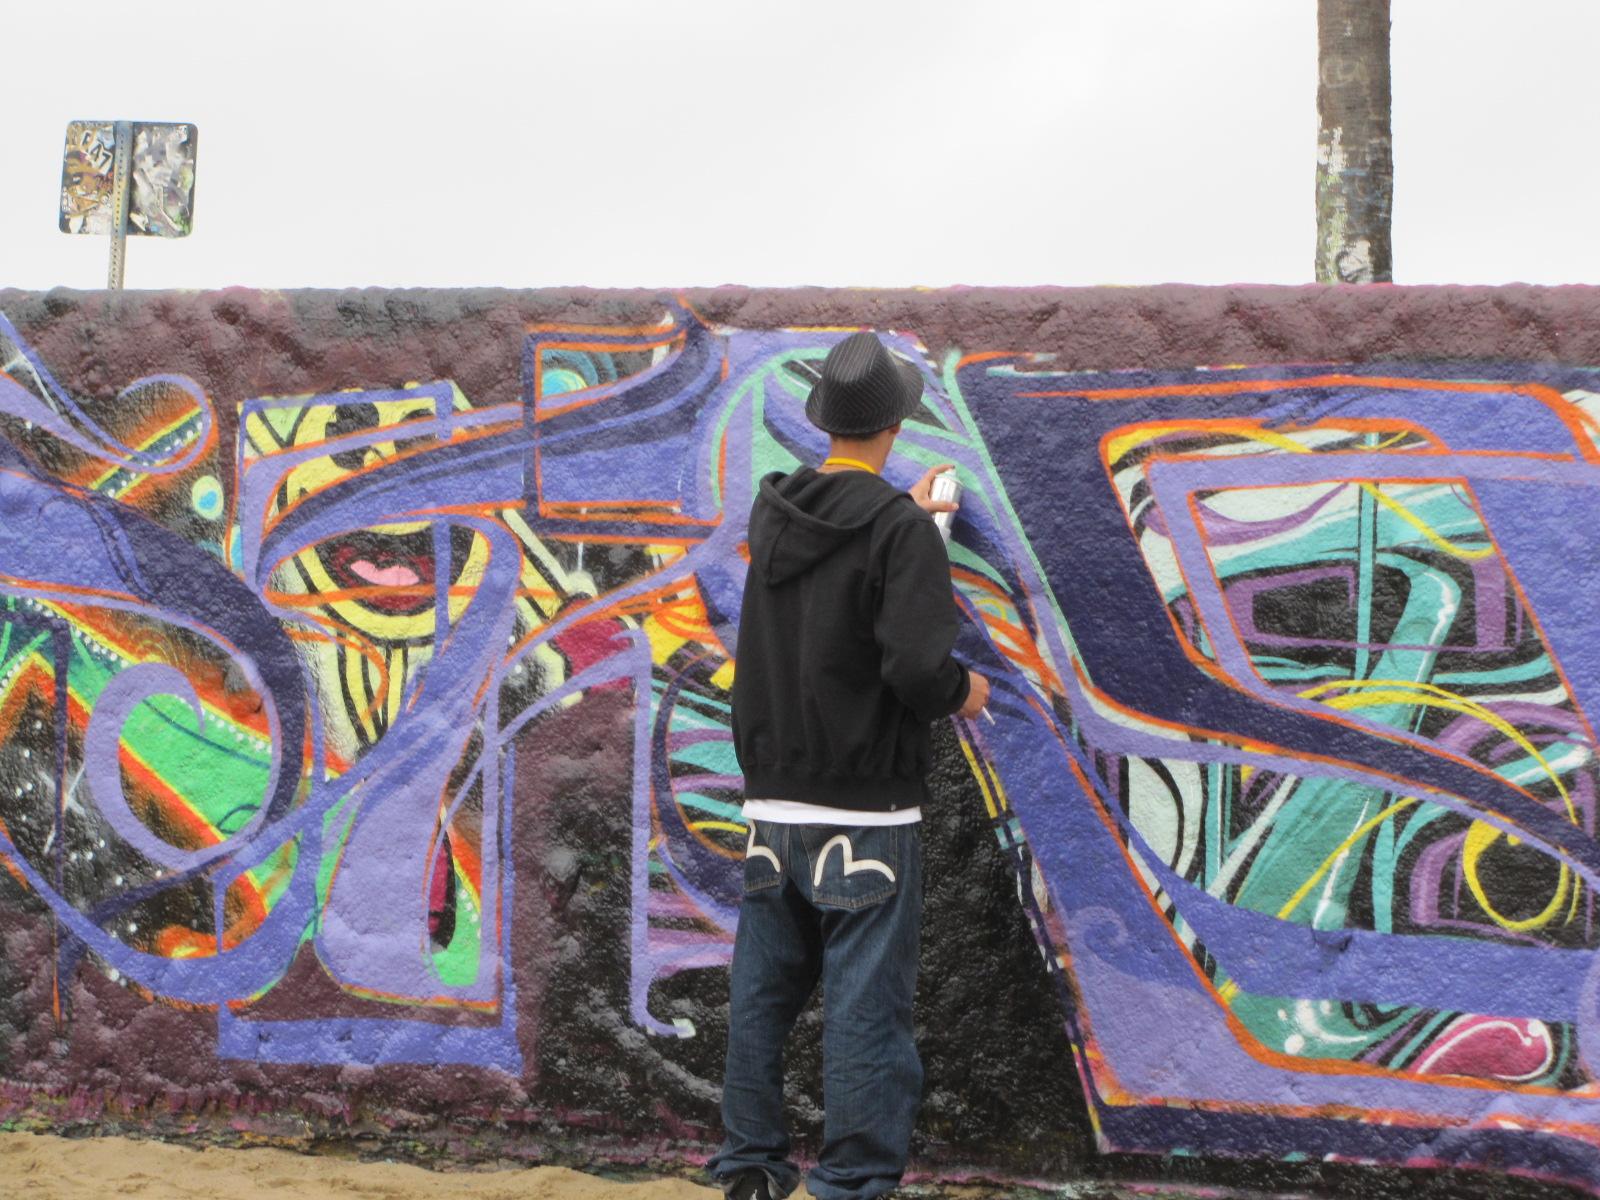 Taggeurs en action sur Venice Beach